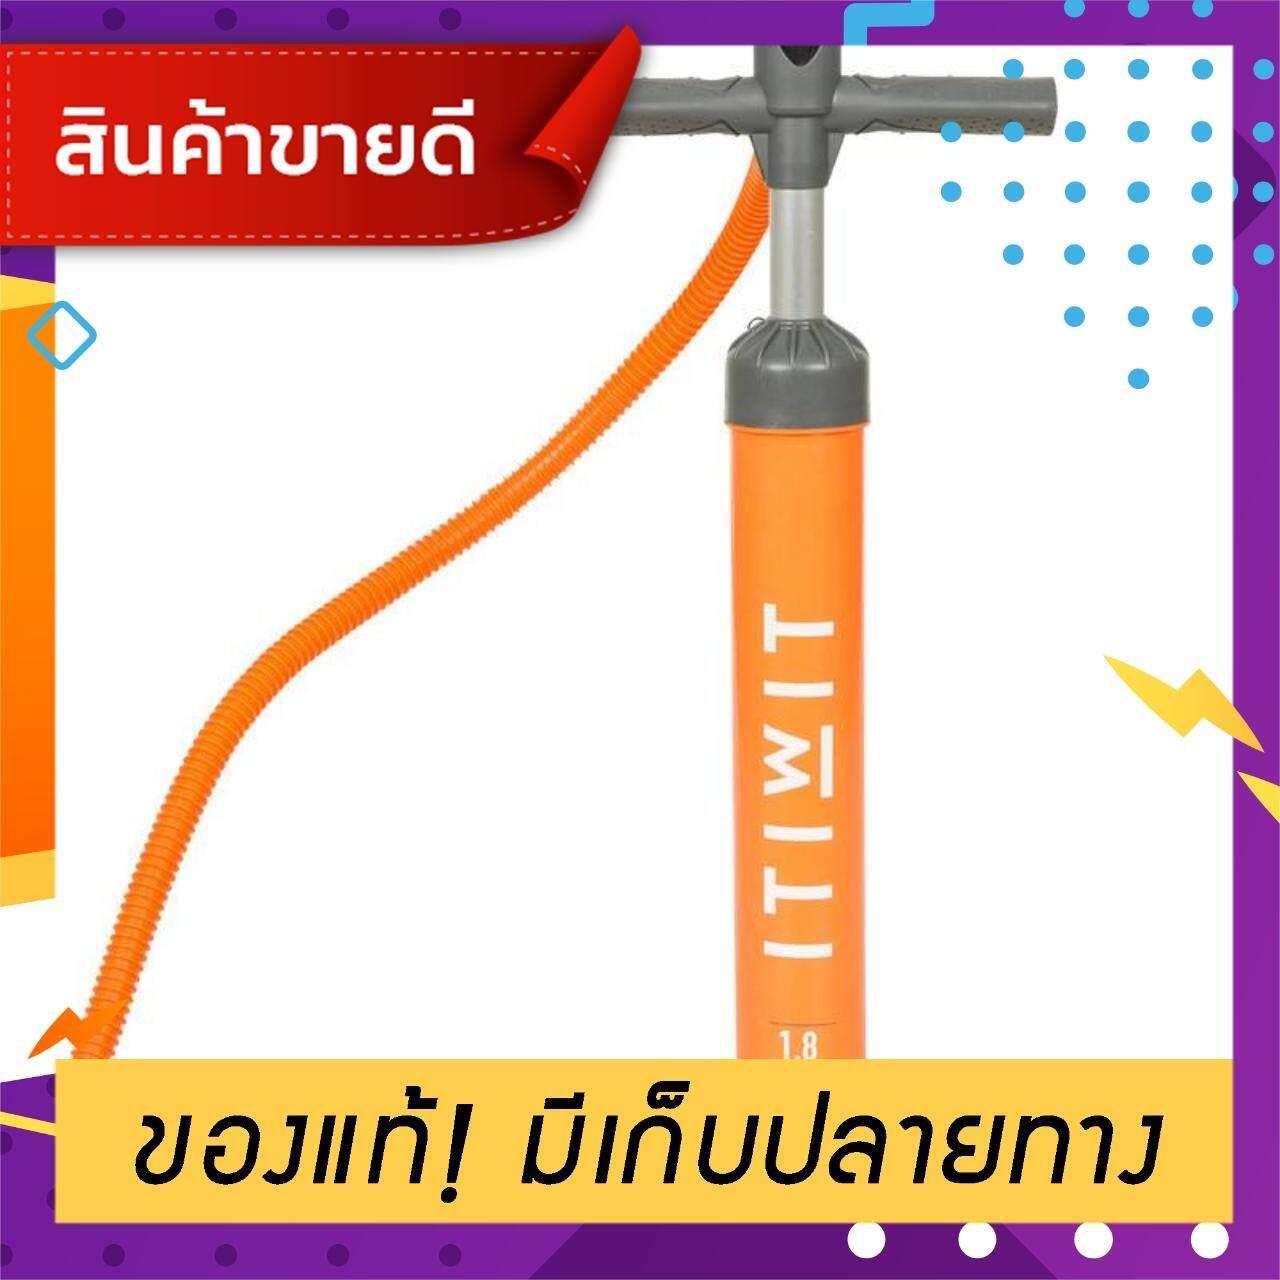 ((มีสินค้า)) ปั๊มมือแรงดันสูง 20 psi สำหรับกระดานยืนพาย (สีส้ม) กระเป๋ากันน้ำ ที่สูบลม และอุปกรณ์ บอร์ดยืนพาย ไม้พาย เสื้อชูชีพ  ของแท้ 100% ราคาถูก